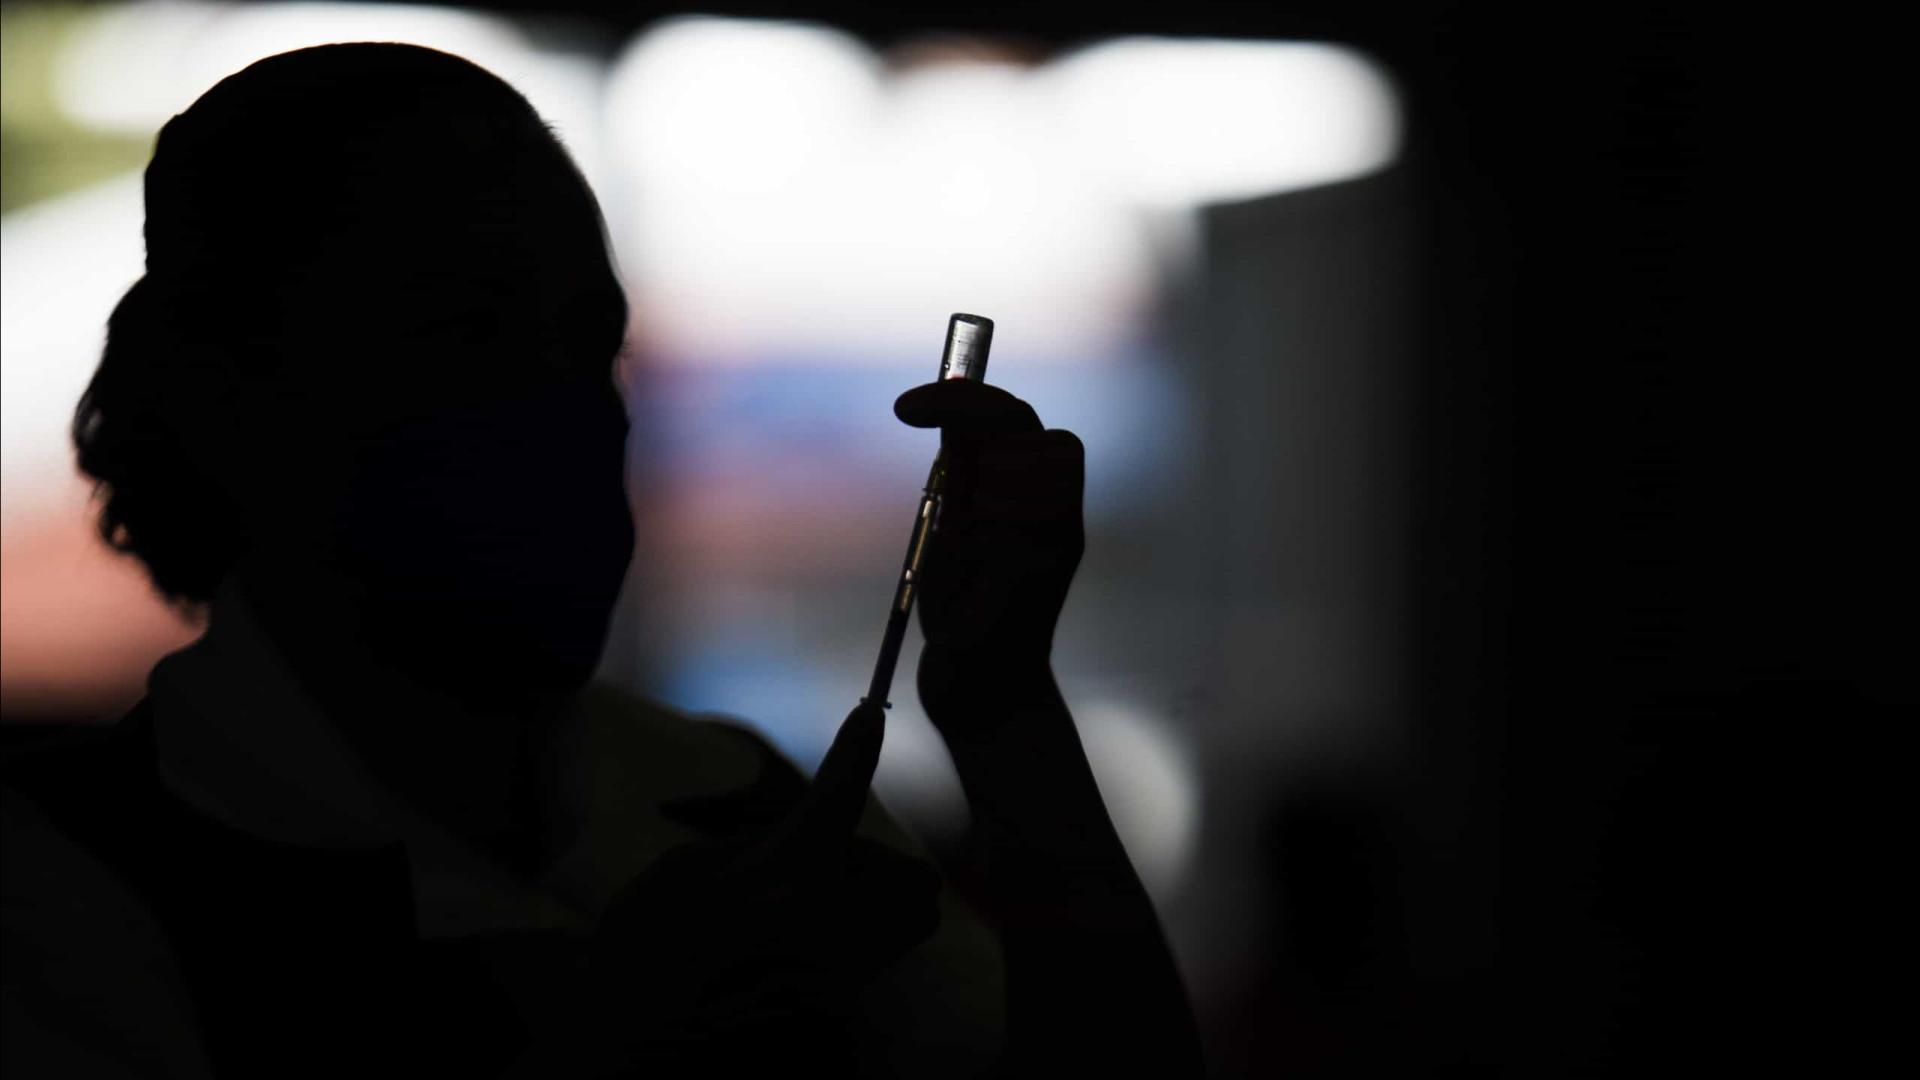 AO MINUTO: IVAucher devolveu milhões; 3.ª dose essencial para vulneráveis